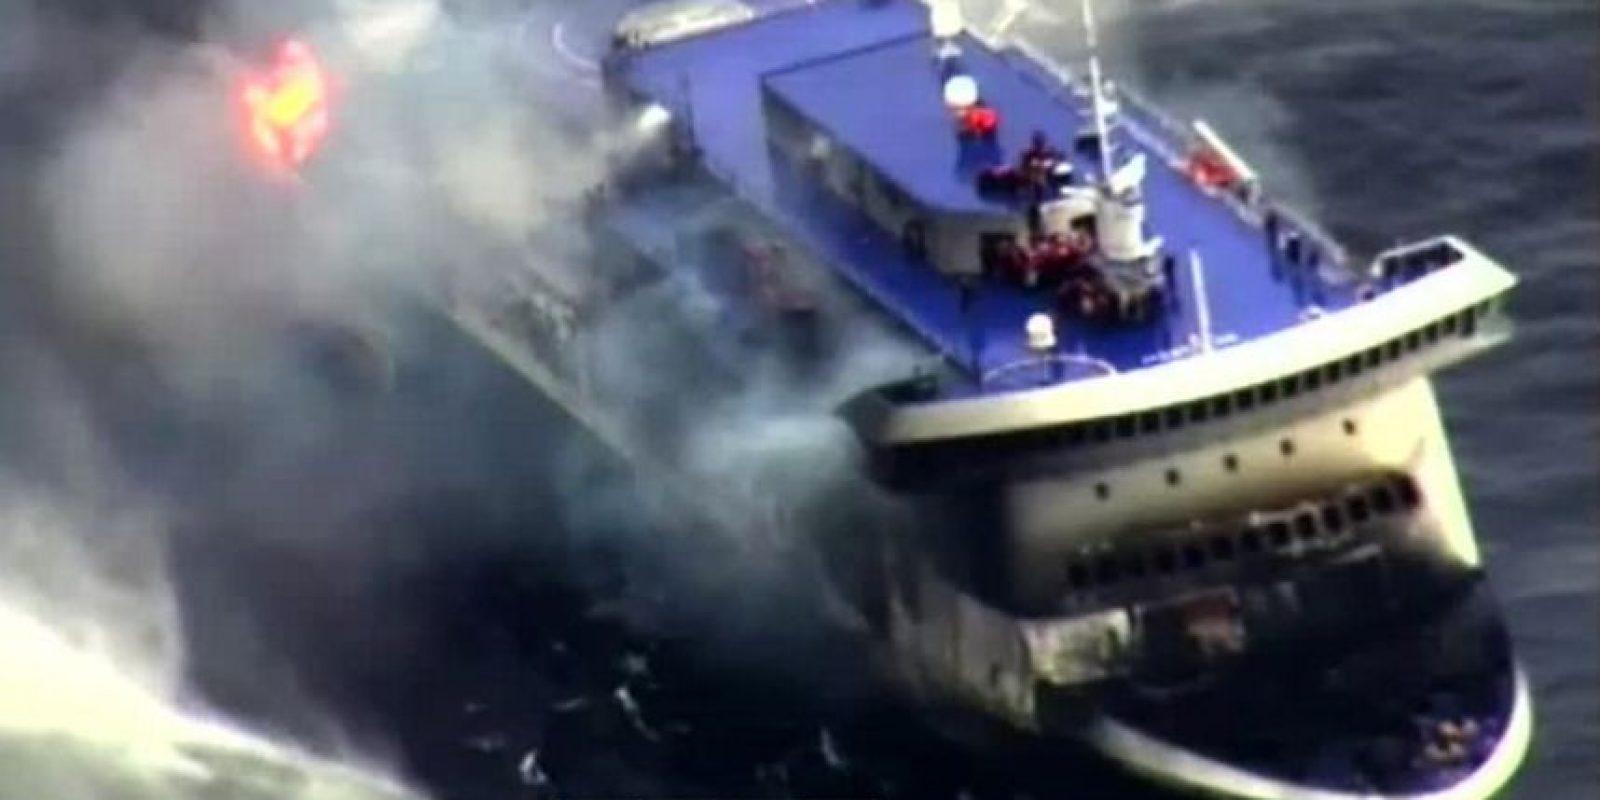 """Se requirieron más de 24 horas para rescatar a los 478 pasajeros del accidentado ferri italiano """"Norman Atlantic"""", el cual se incendió el domingo pasado. Foto:AFP"""